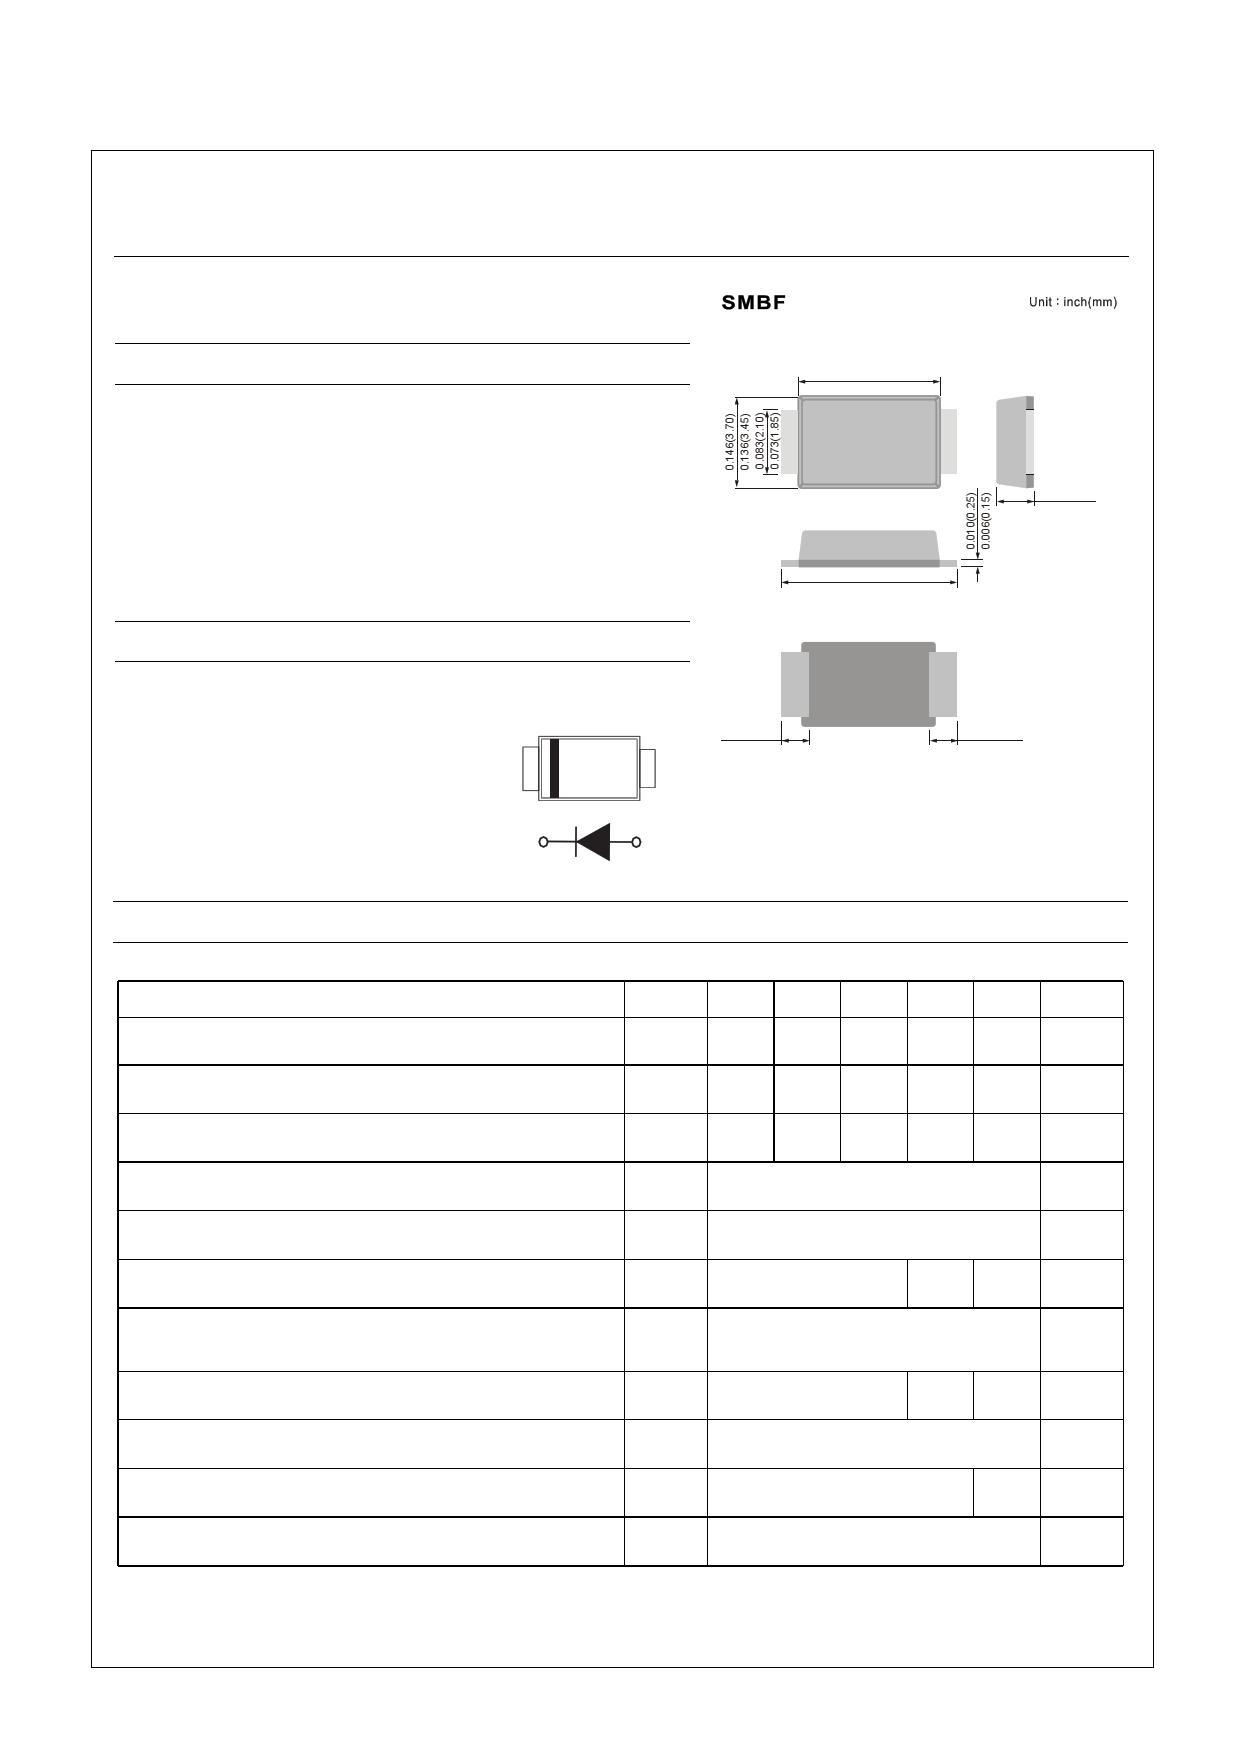 UF2BF 데이터시트 및 UF2BF PDF